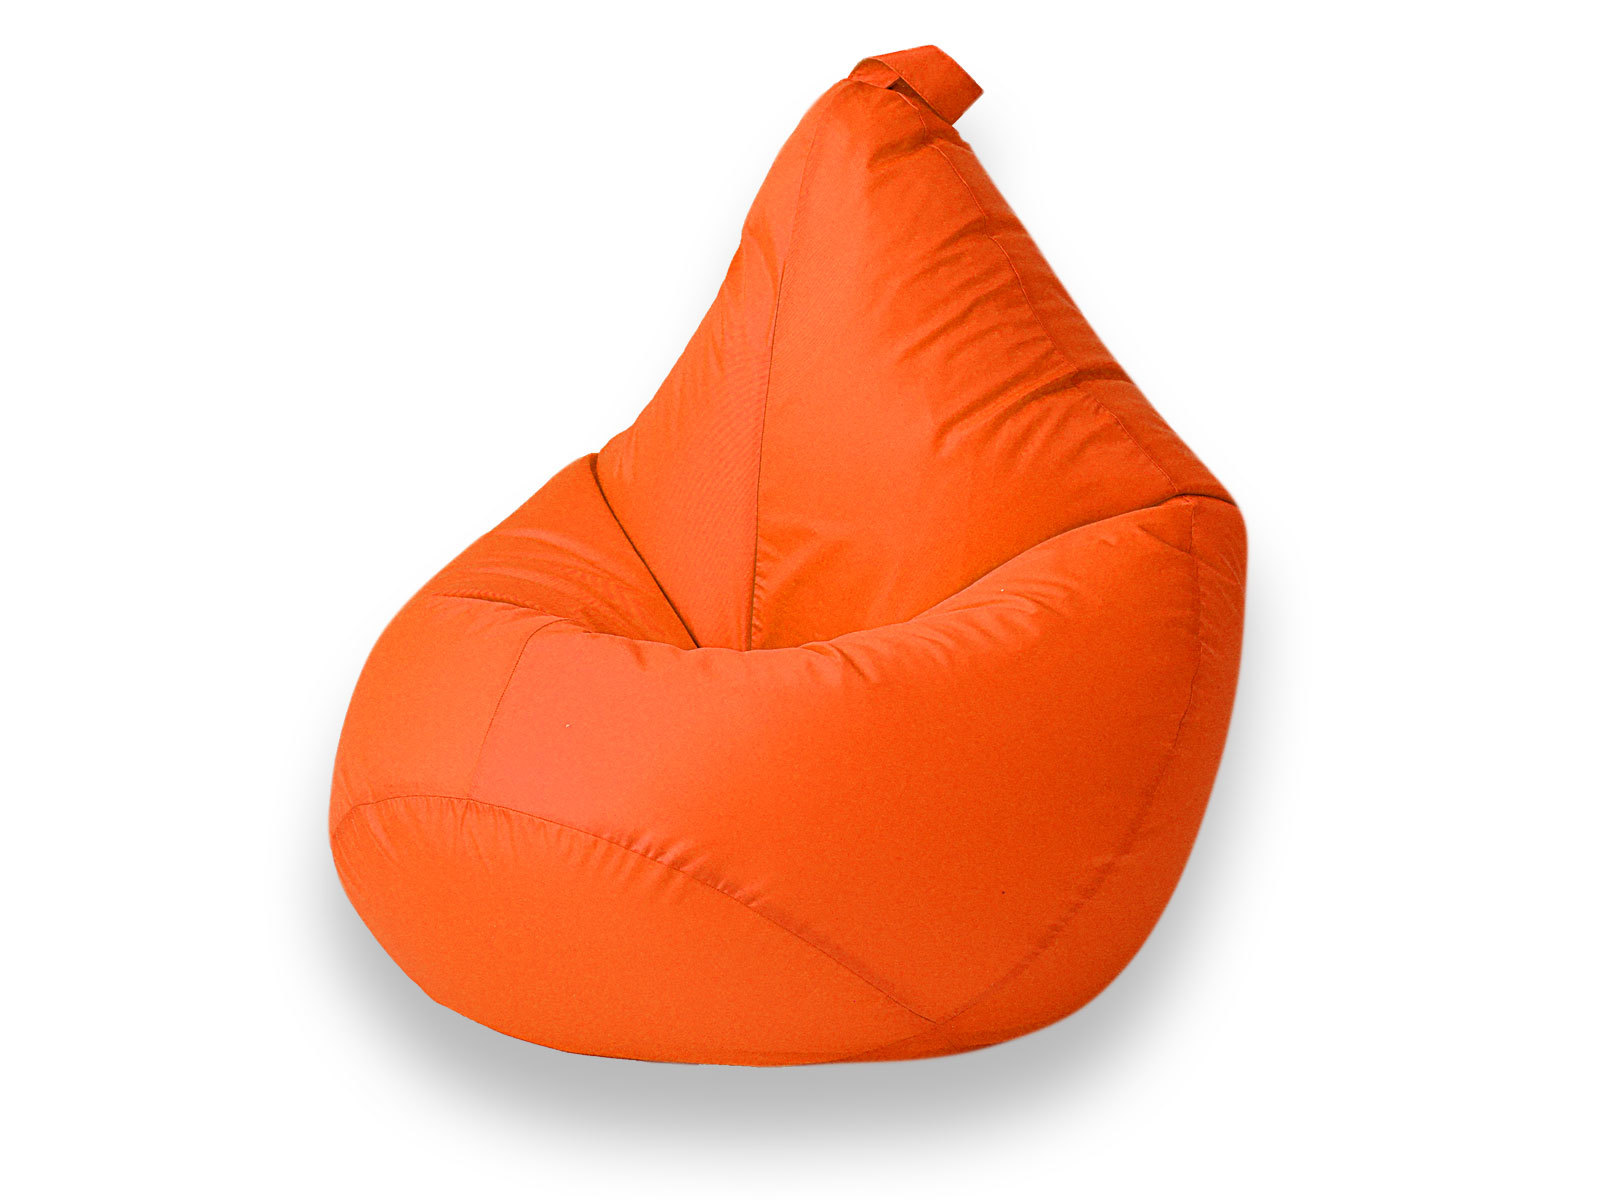 Кресло-мешок БингбэгКресла-мешки<br>Эти замечательные  кресла-мешки занимают совсем немного места, а подойдут и взрослым, и детям!                                                                          Внешний чехол: съемный, на молнии из водоотталкивающей ткани по тактильным ощущениям напоминает курточную ветровочную ткань.<br>Внутренний мешок: имеет молнию для самостоятельного пополнения мешка гранулами, cистема db-lock - защита от открытия детьми.                            Наполнитель: гранулы пенополистирола (пенопласта)1-2 мм, очень мягкий и легкий.                                         <br>Использование: внутри и вне помещений, так как ткань водоотталкивающая можно использовать  на природе, на даче.  <br>Максимальная нагрузка на кресло 80 кг.                                                                                                                       <br>Уход: Внешний чехол может быть постиран в стиральной машине при температуре не выше 30*. <br>Не отжимать, не гладить.<br>Внимание! Вы получаете готовое, наполненное изделие.<br><br>Material: Текстиль<br>Height см: 110<br>Diameter см: 75